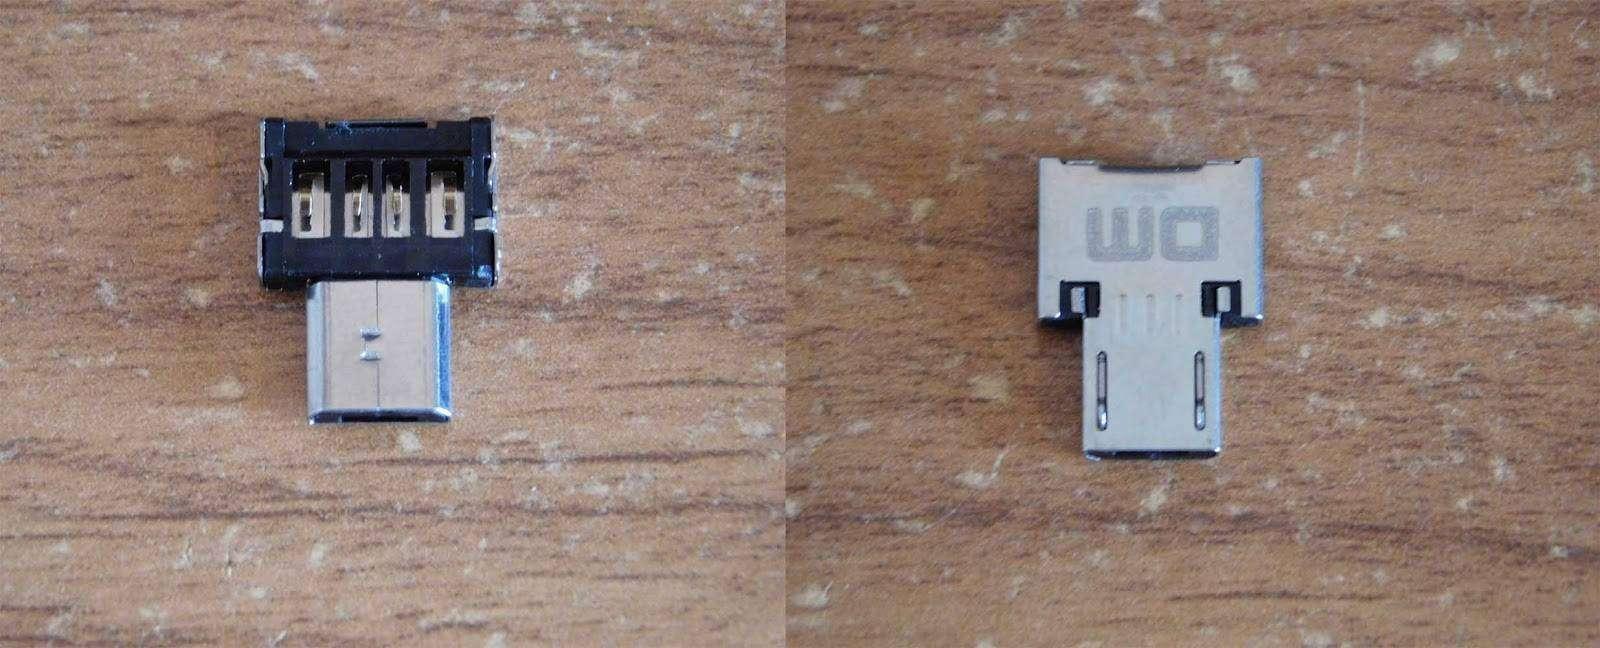 GearBest: USB OTG адаптер DM